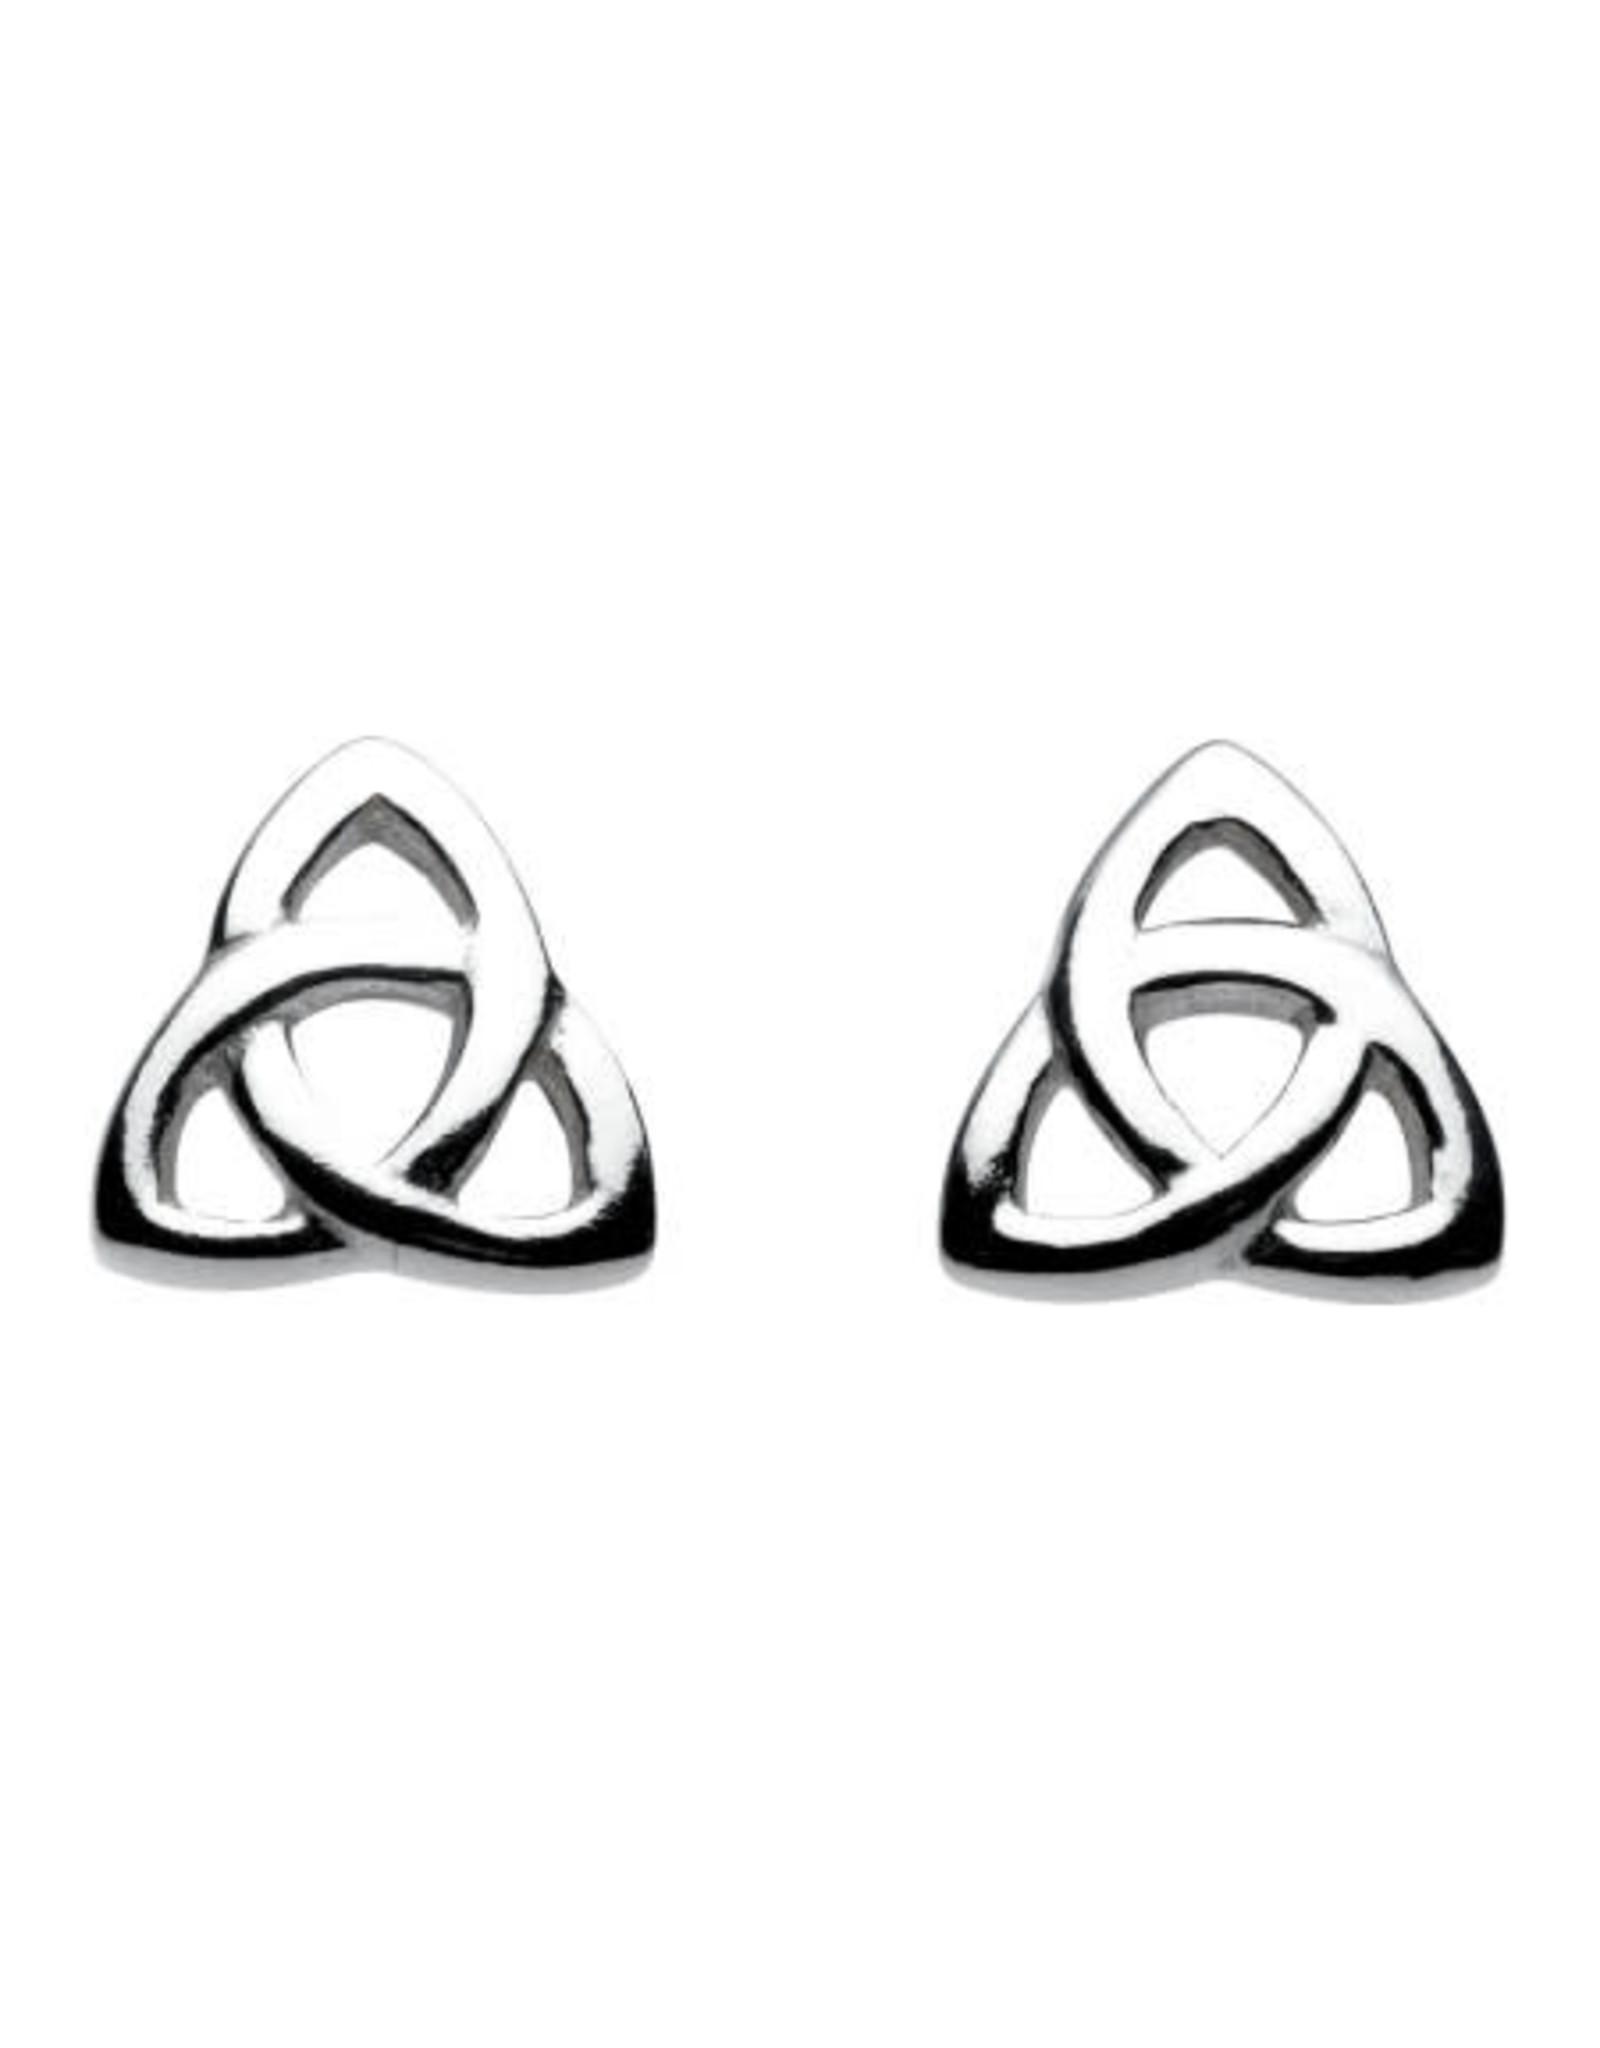 Kit Heath CELTIC TRINITY KNOT STUD EARRING